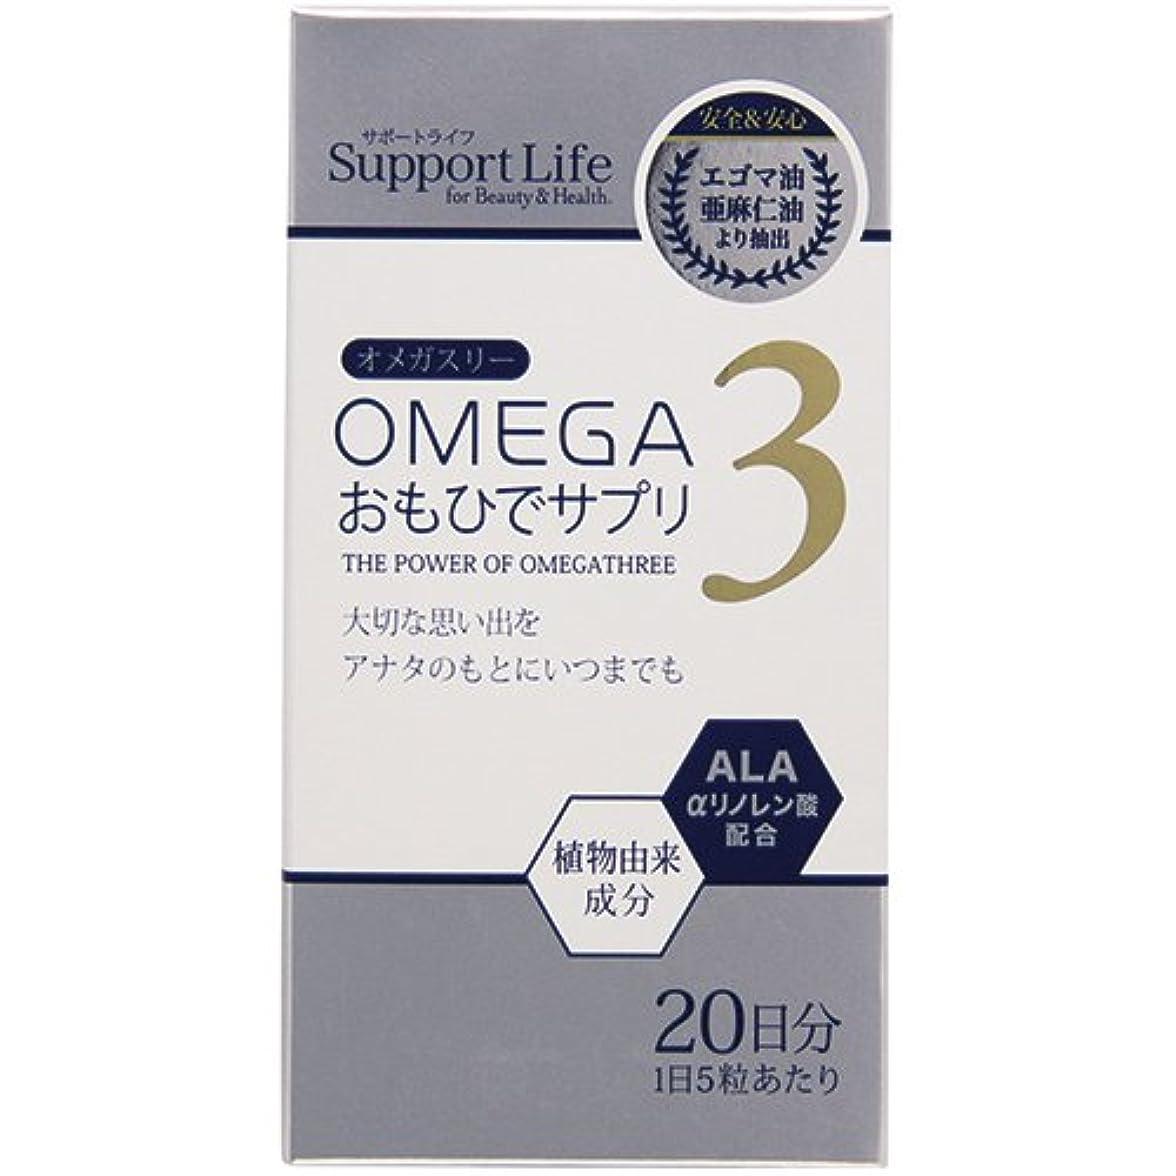 懐冷淡な酸素オメガ3 おもひでサプリ 100粒